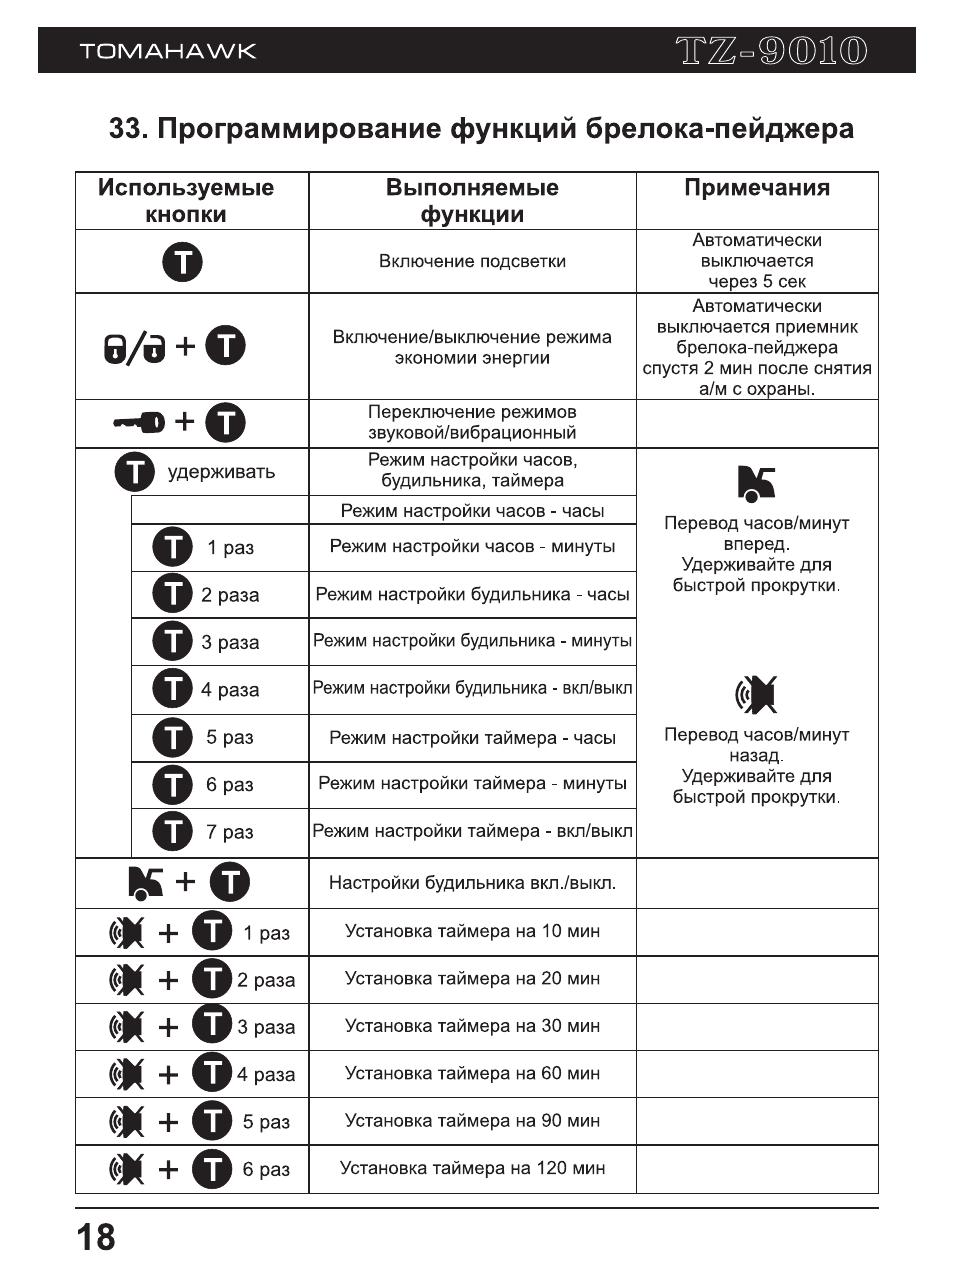 инструкция автосигнализации томагавк